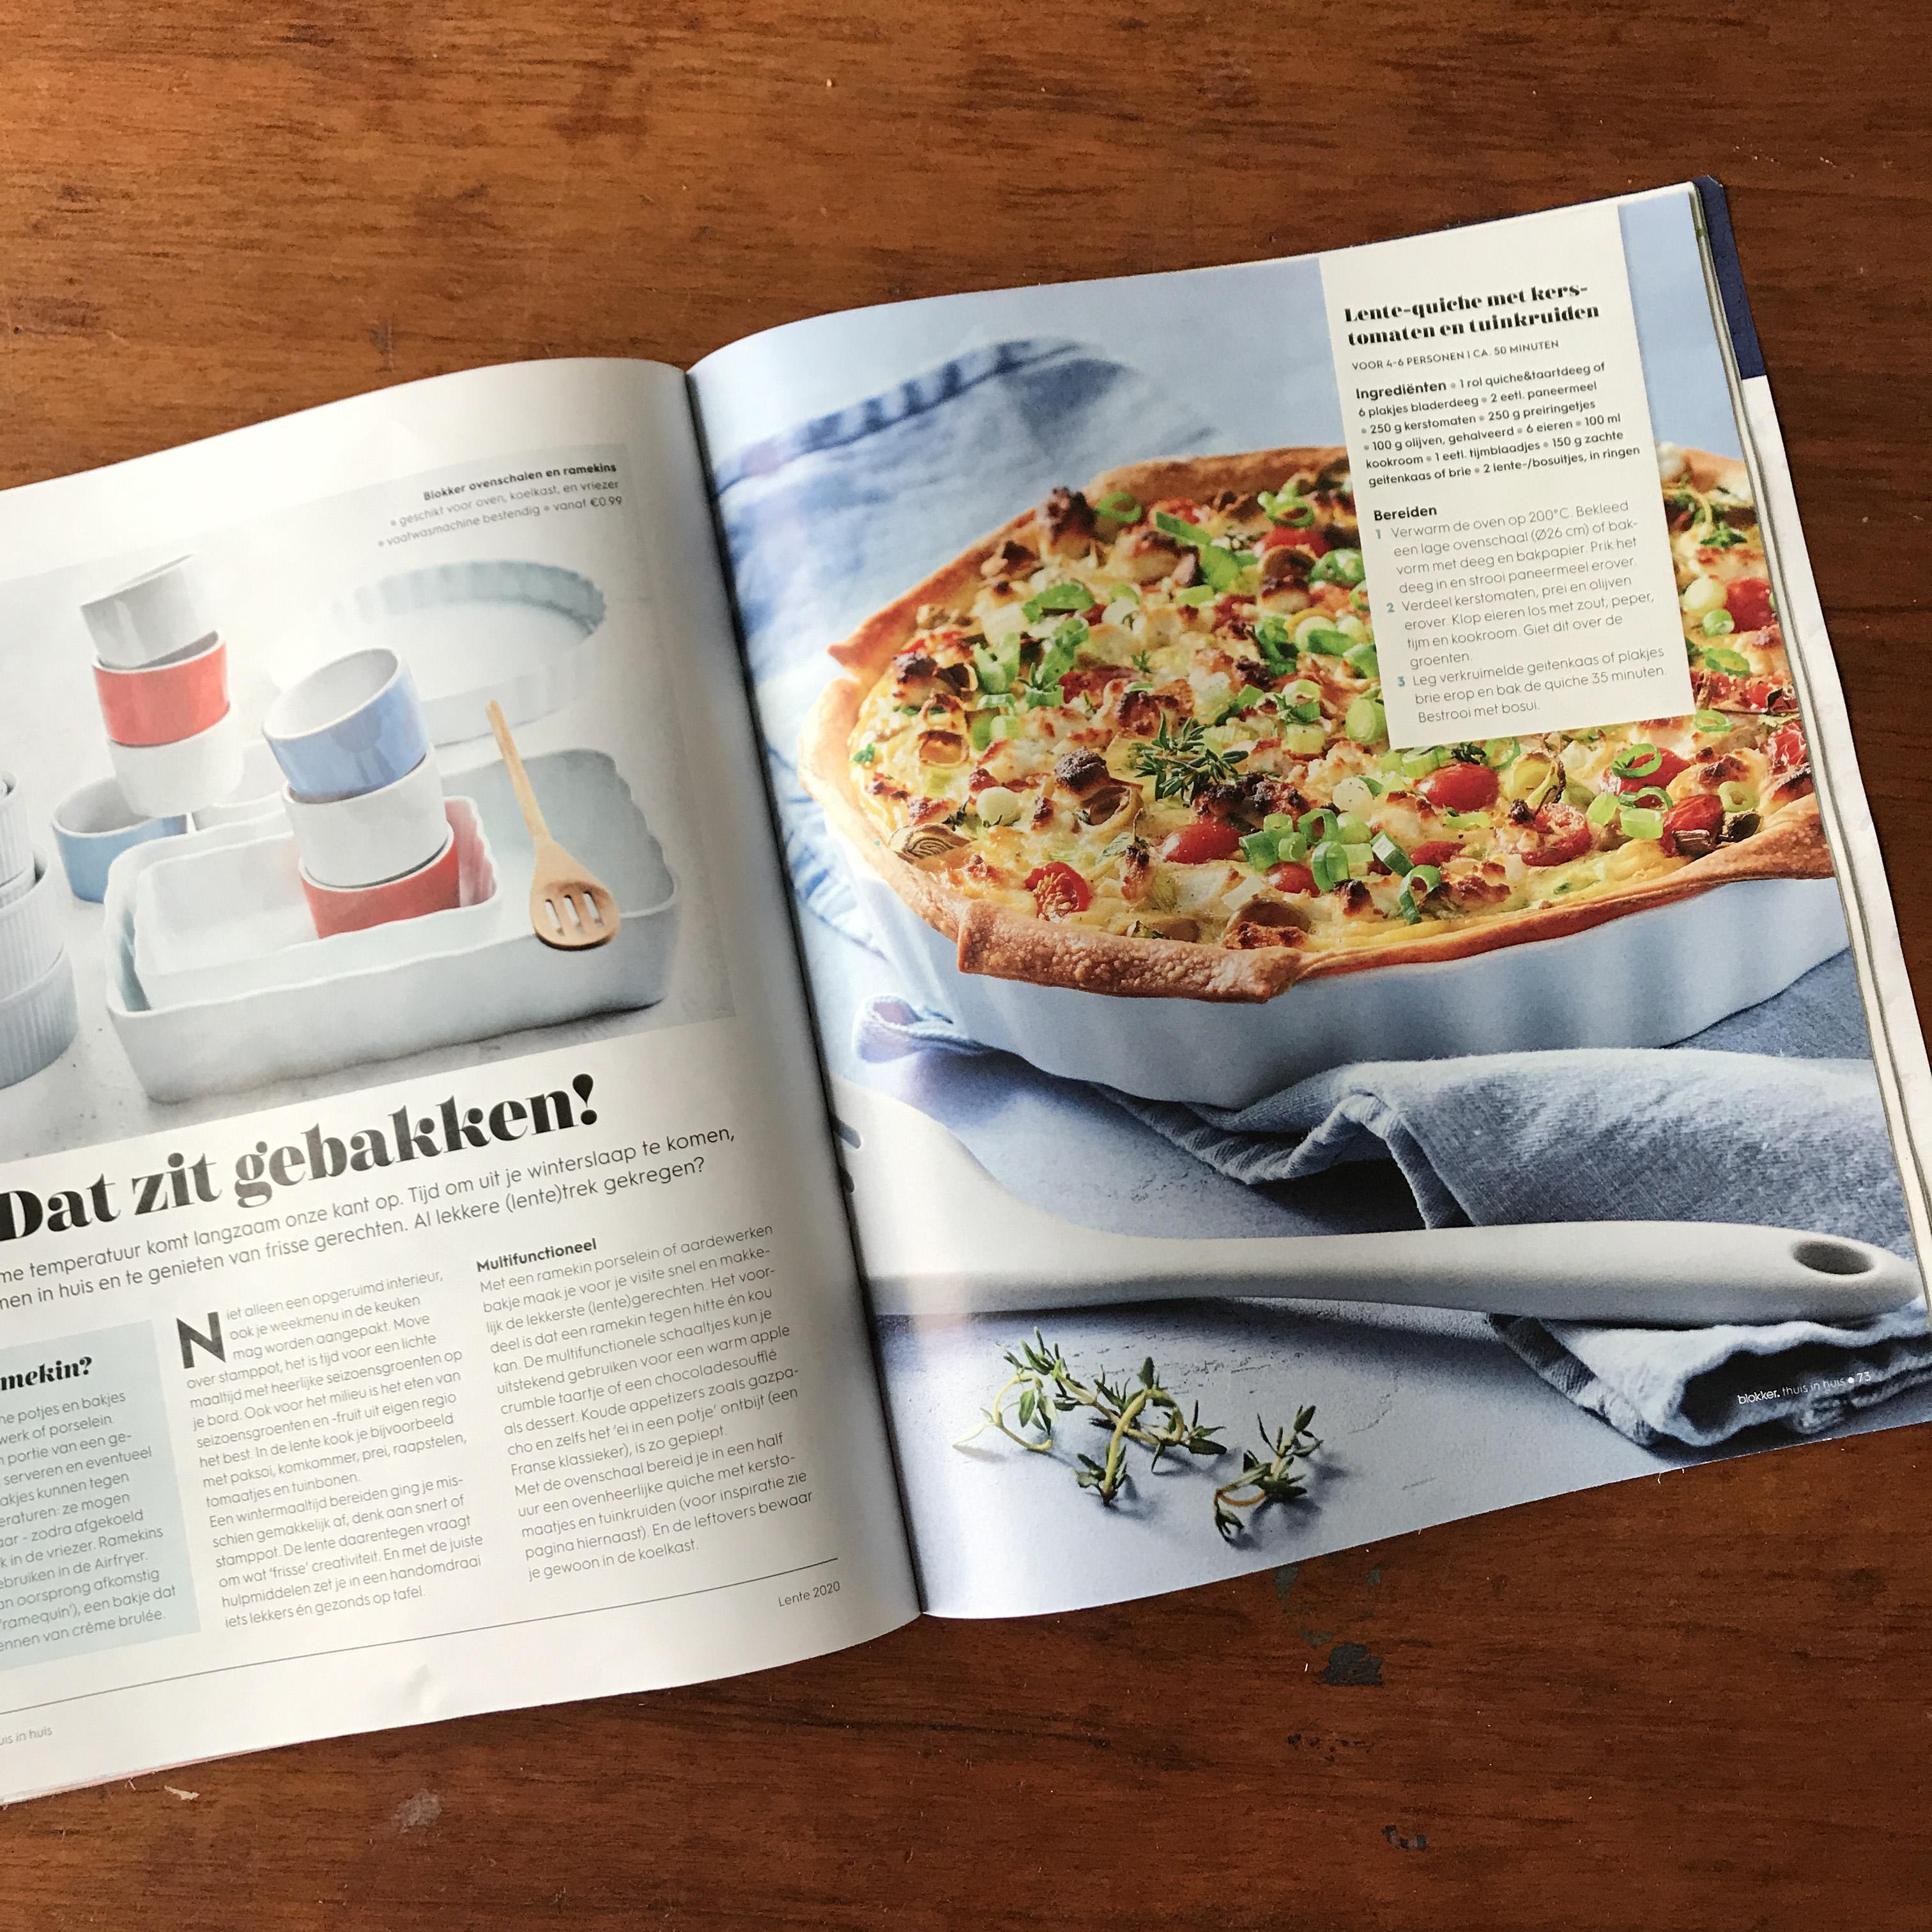 Blokker magazine 365